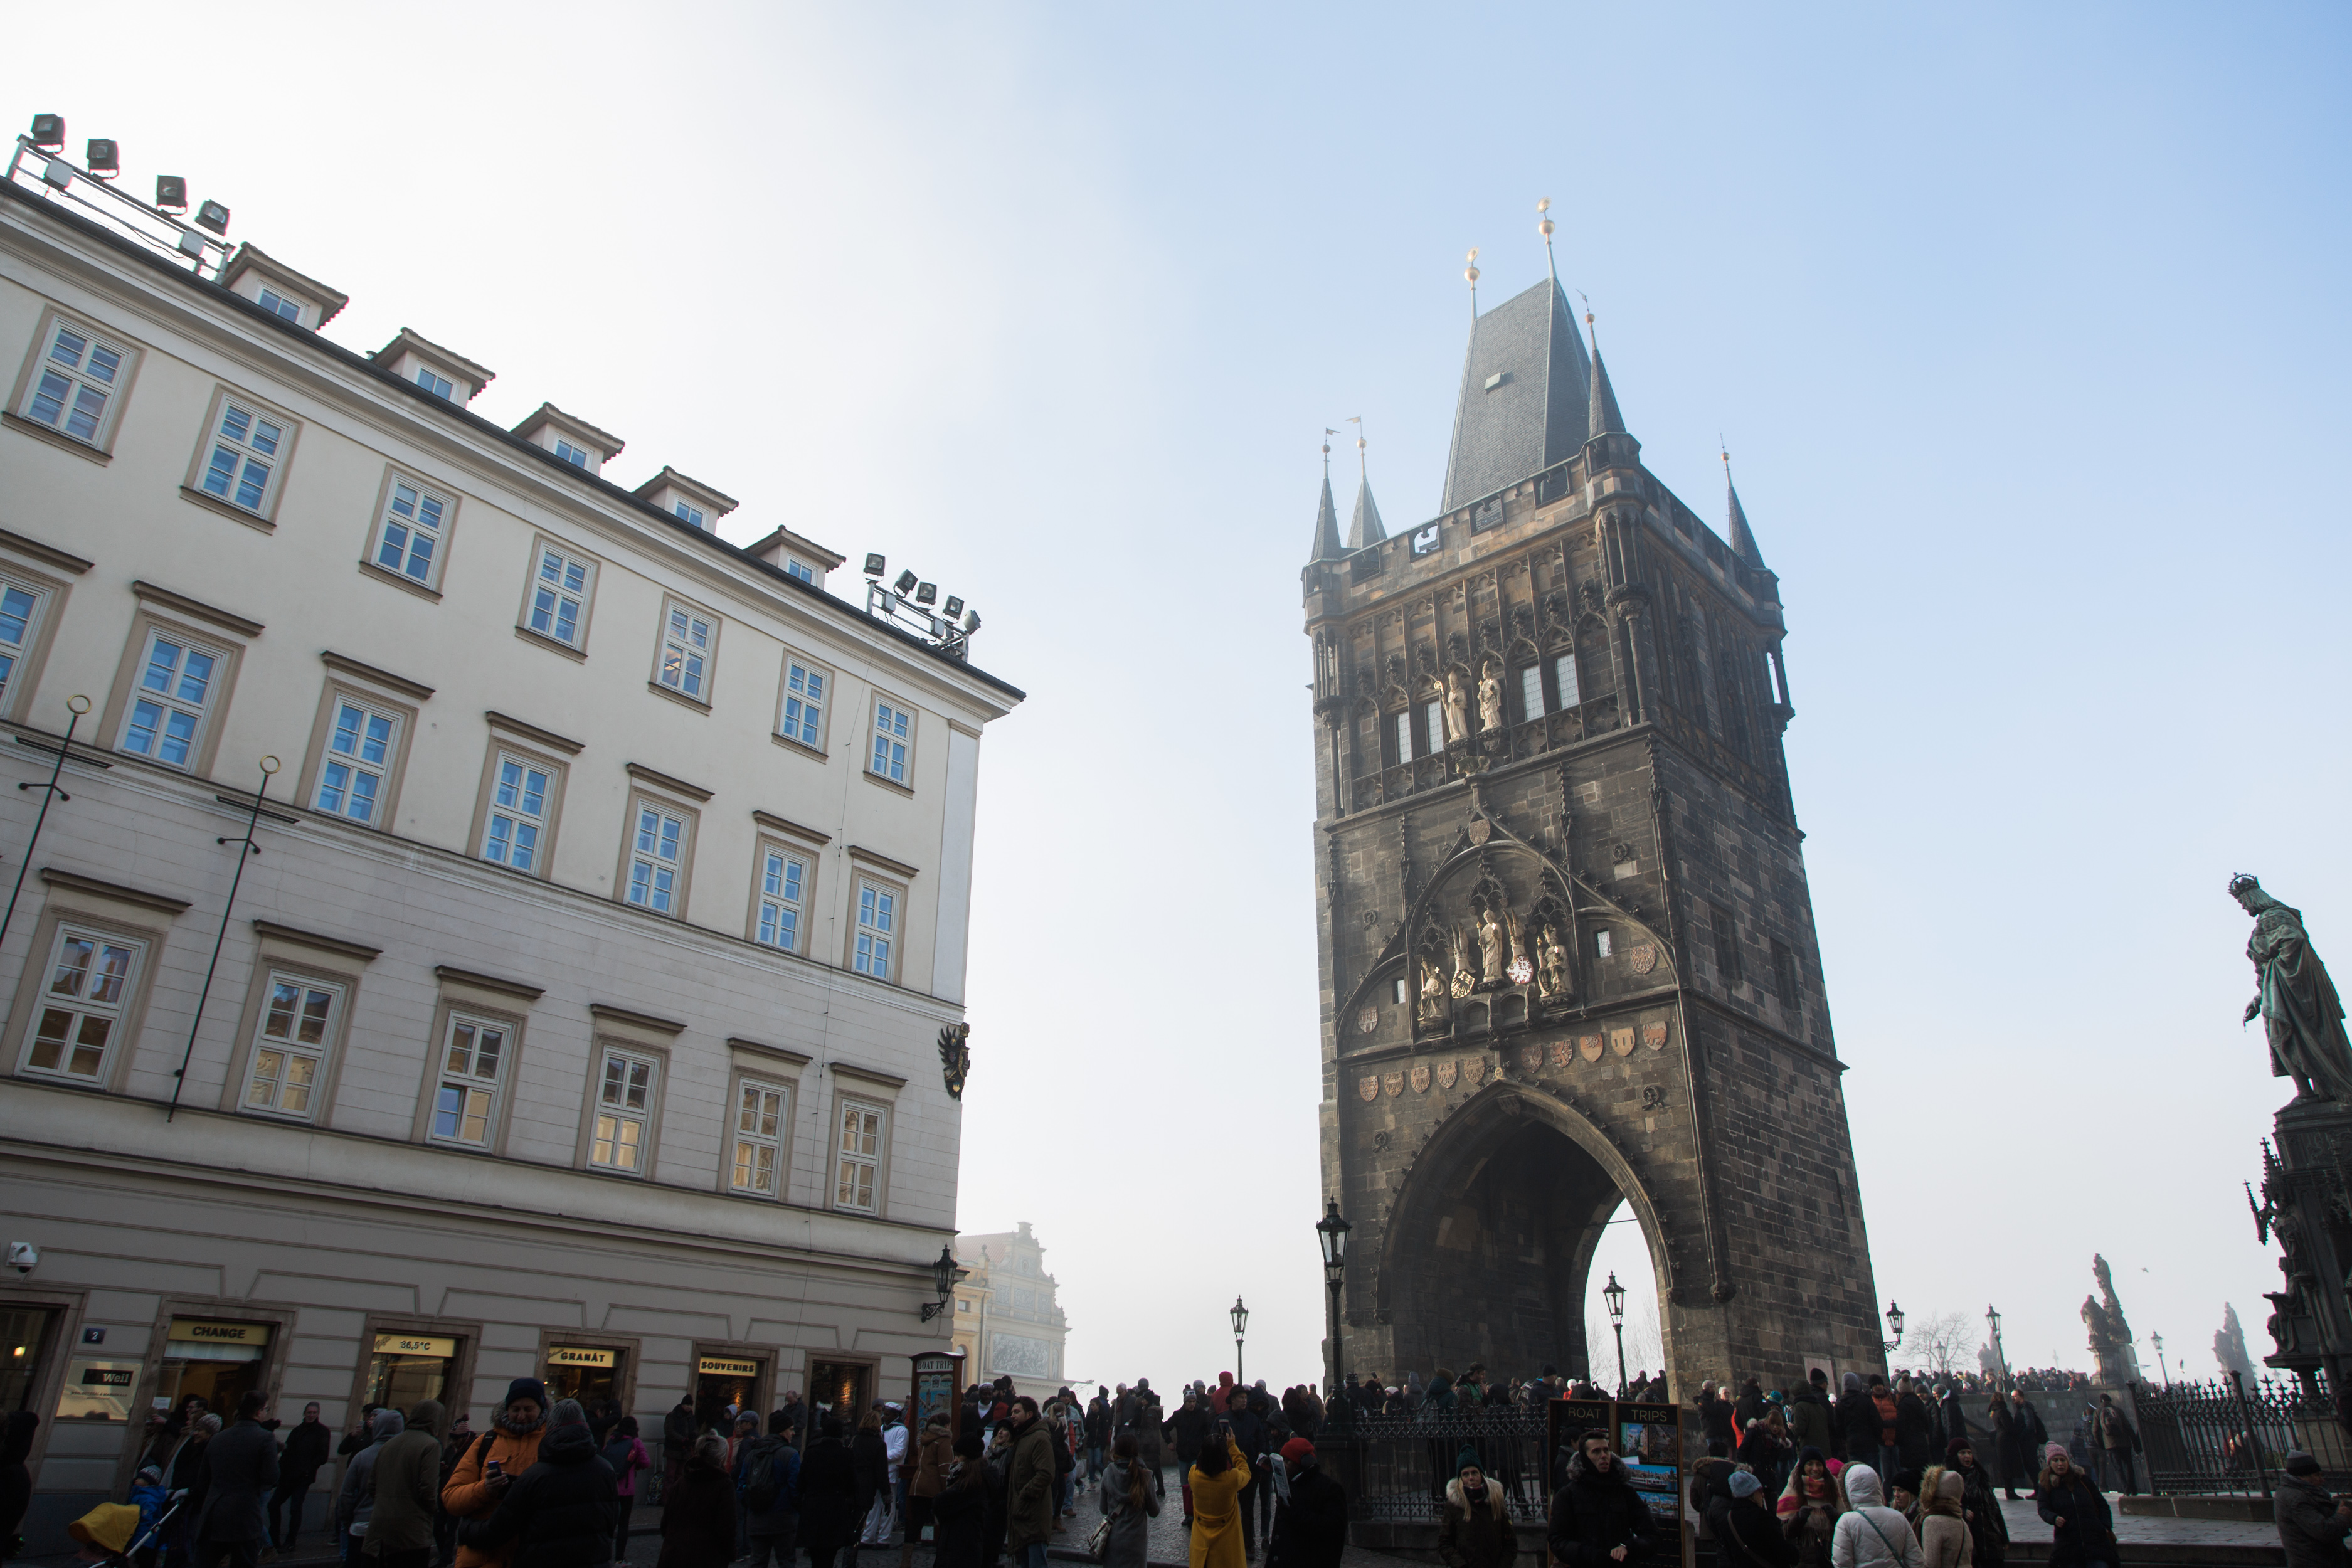 De gotische toren